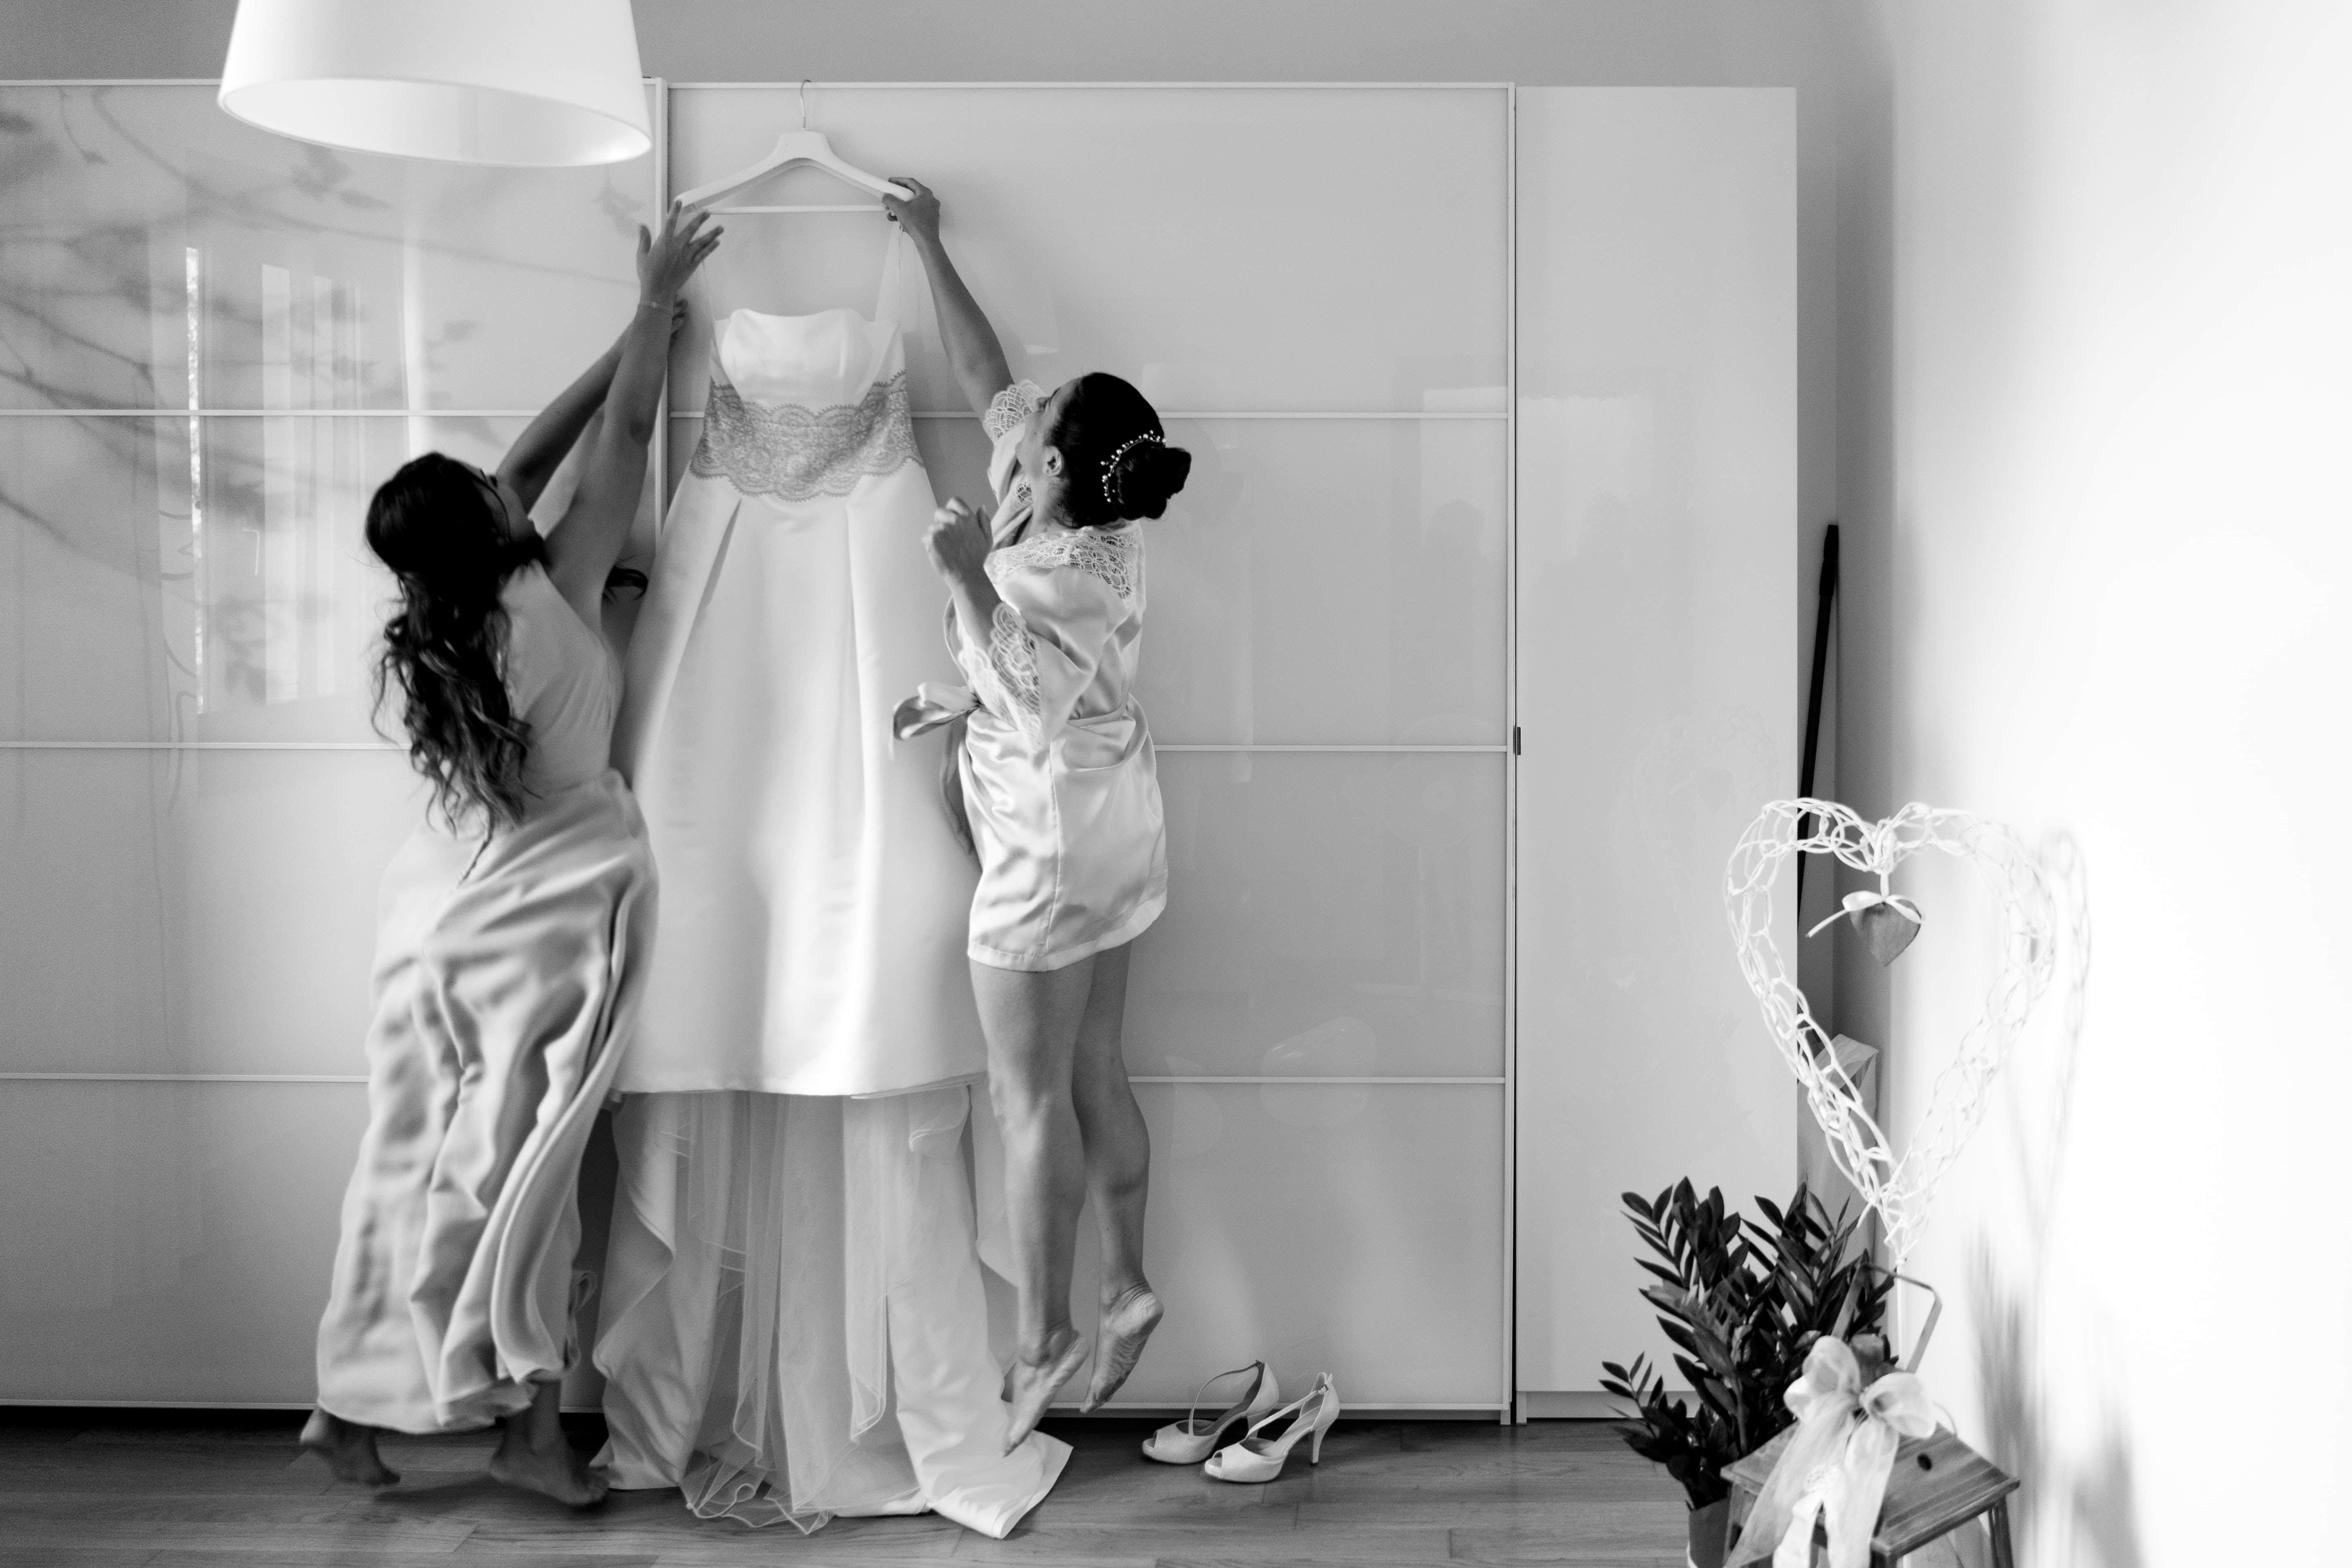 vestizione abito sposa